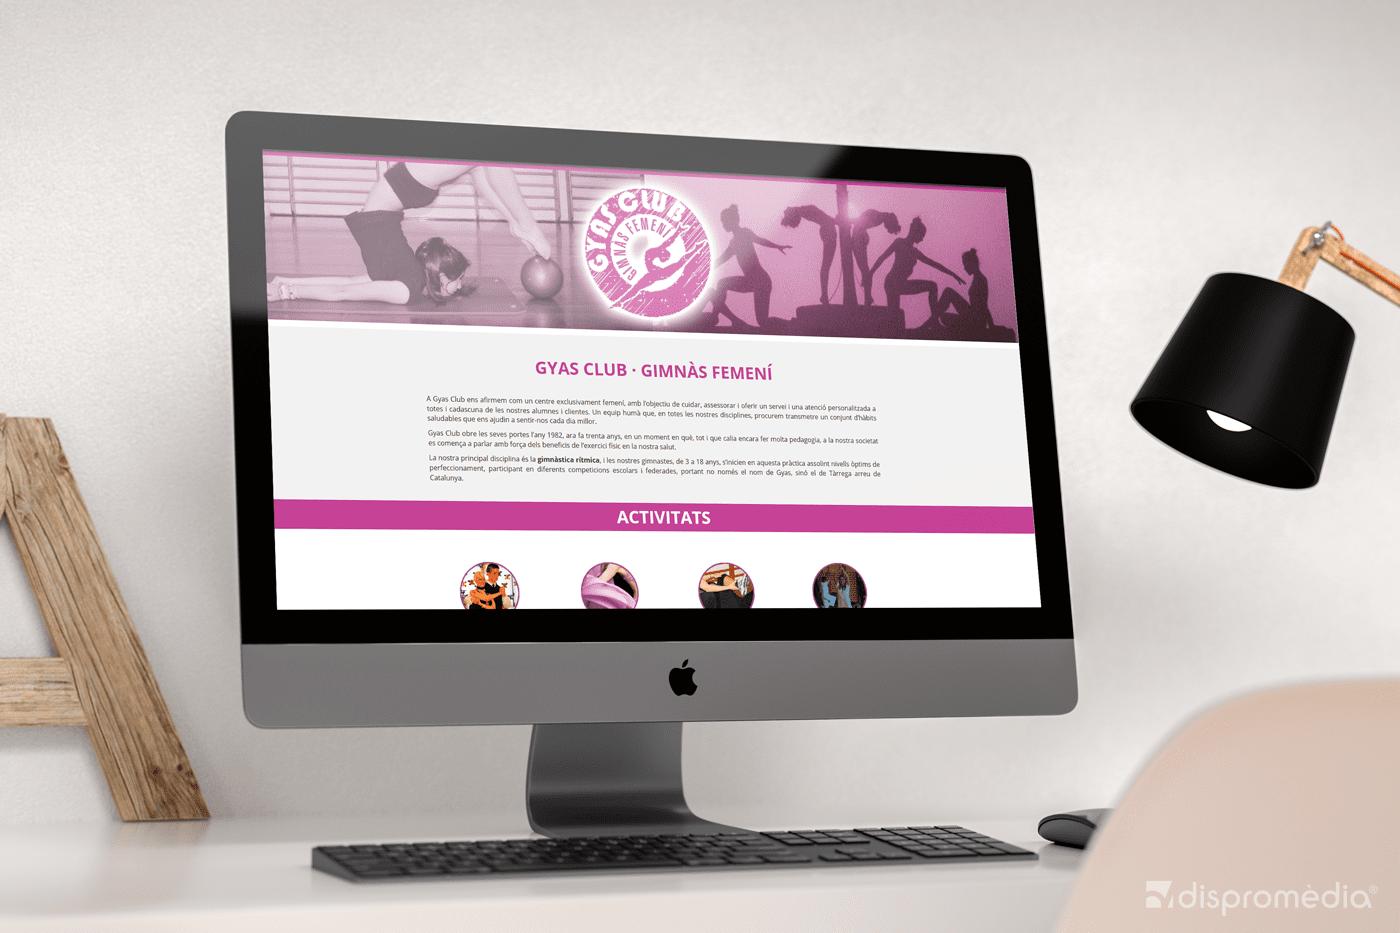 ¡Gyas Club ya tiene nueva página web!